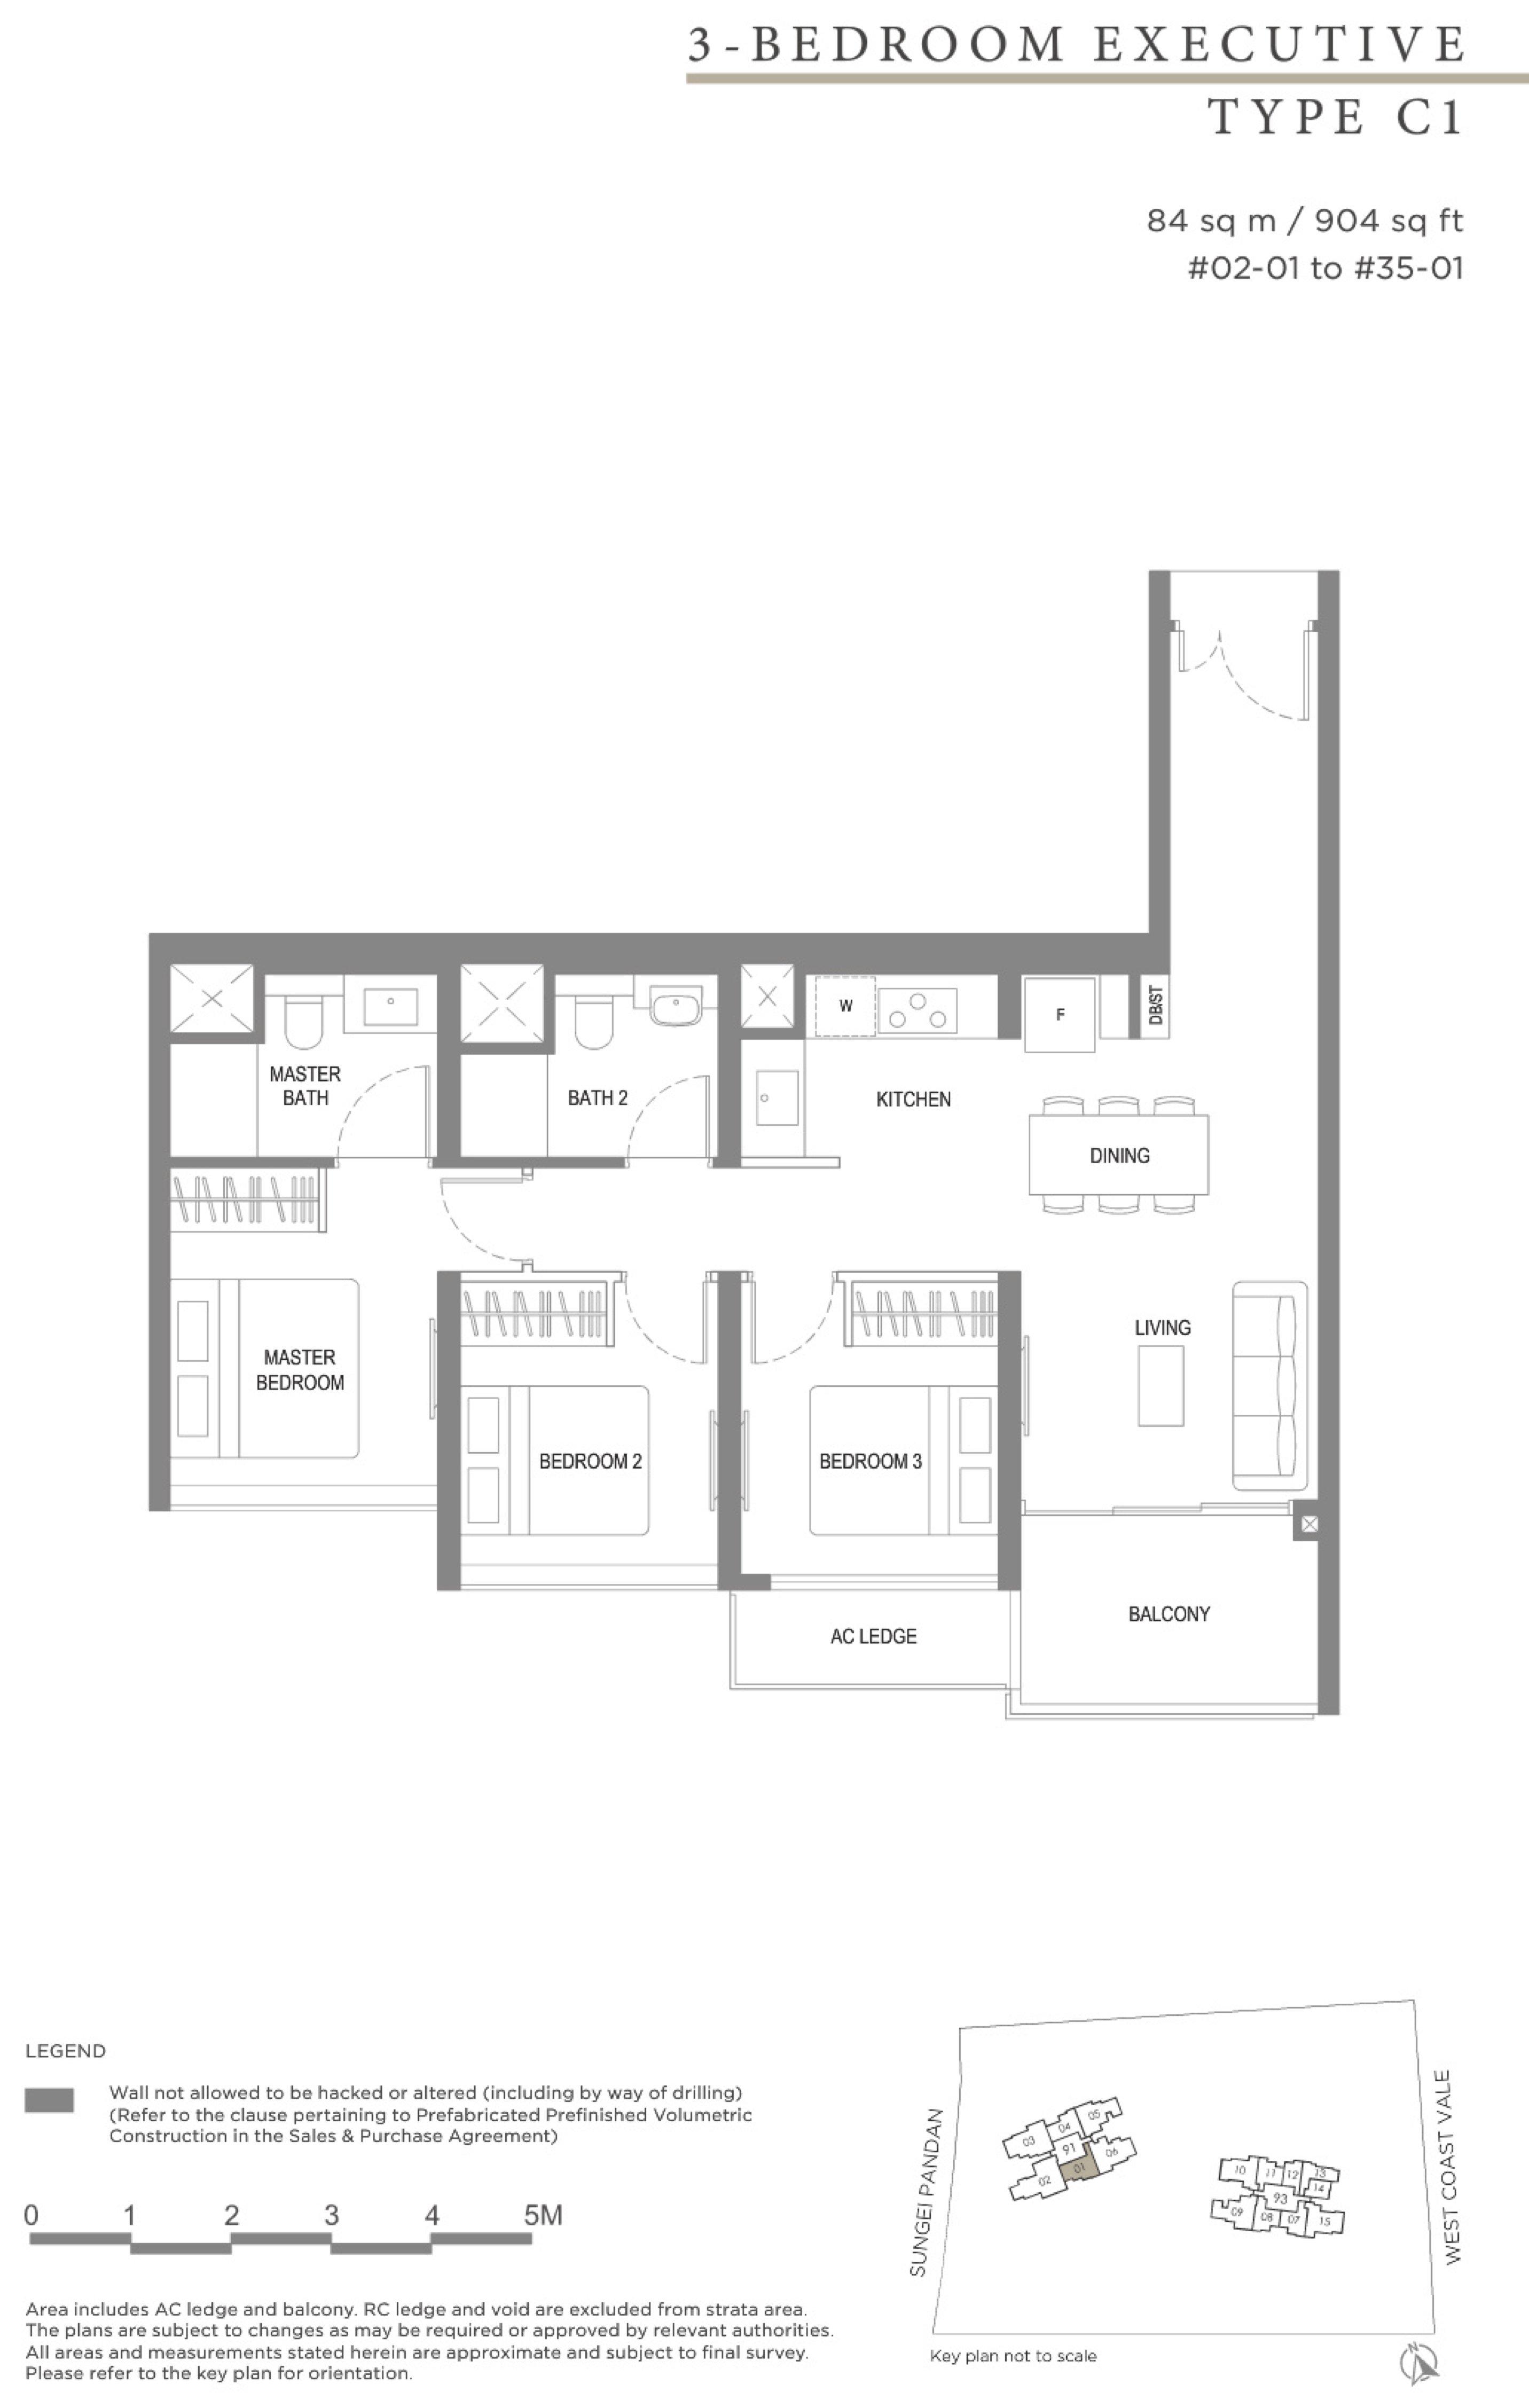 Twin VEW 3 bedroom executive C1 floor plan